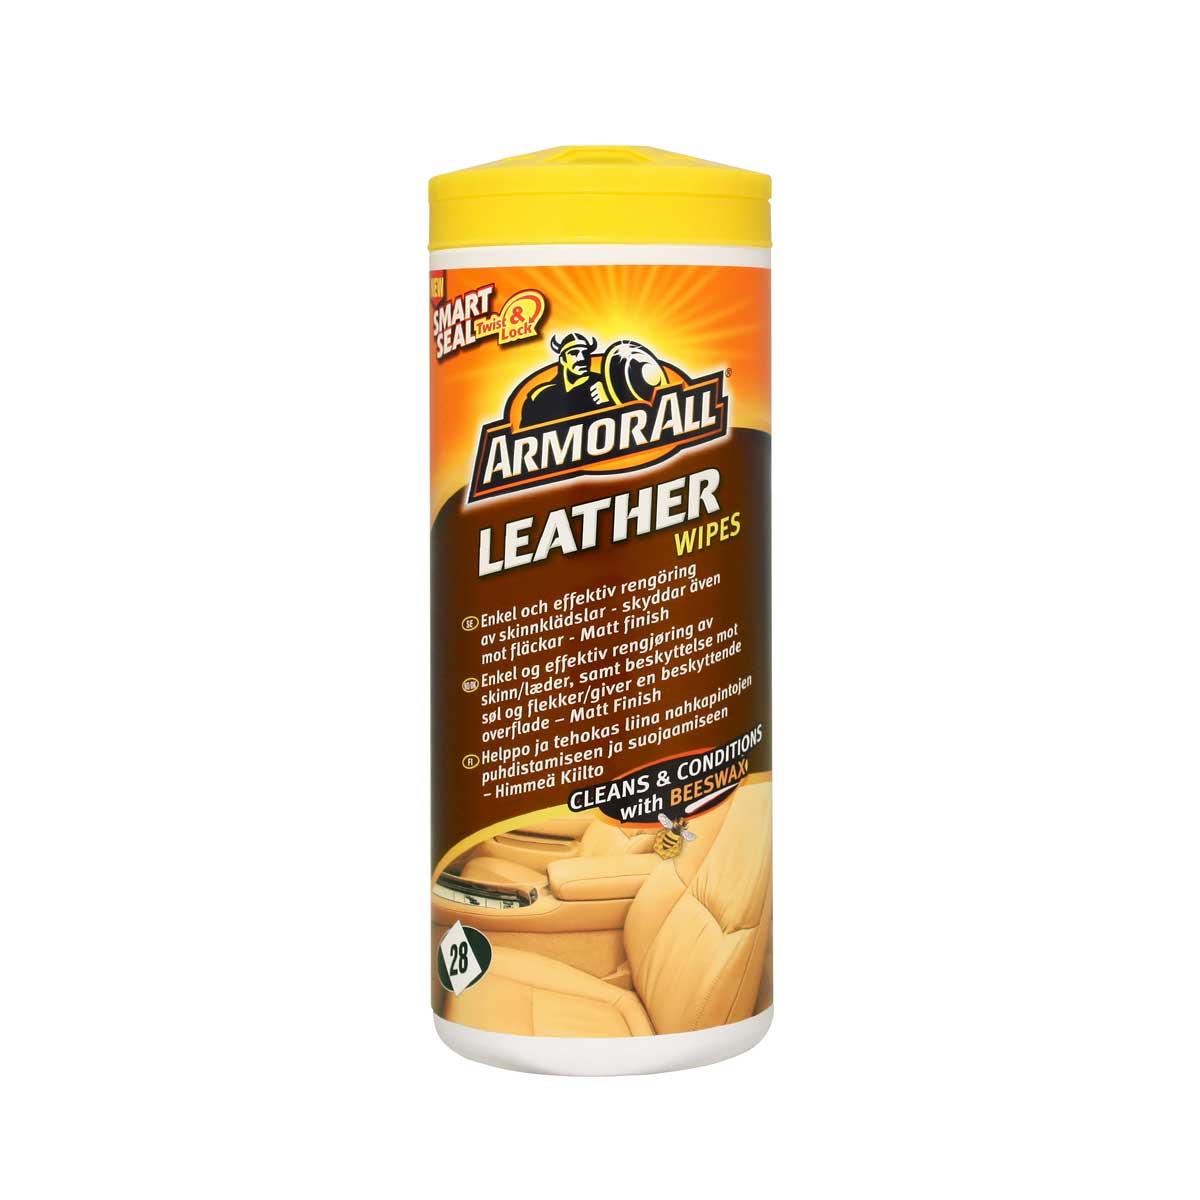 Våtservetter Läder Armor All Leather Wipes, 20 st